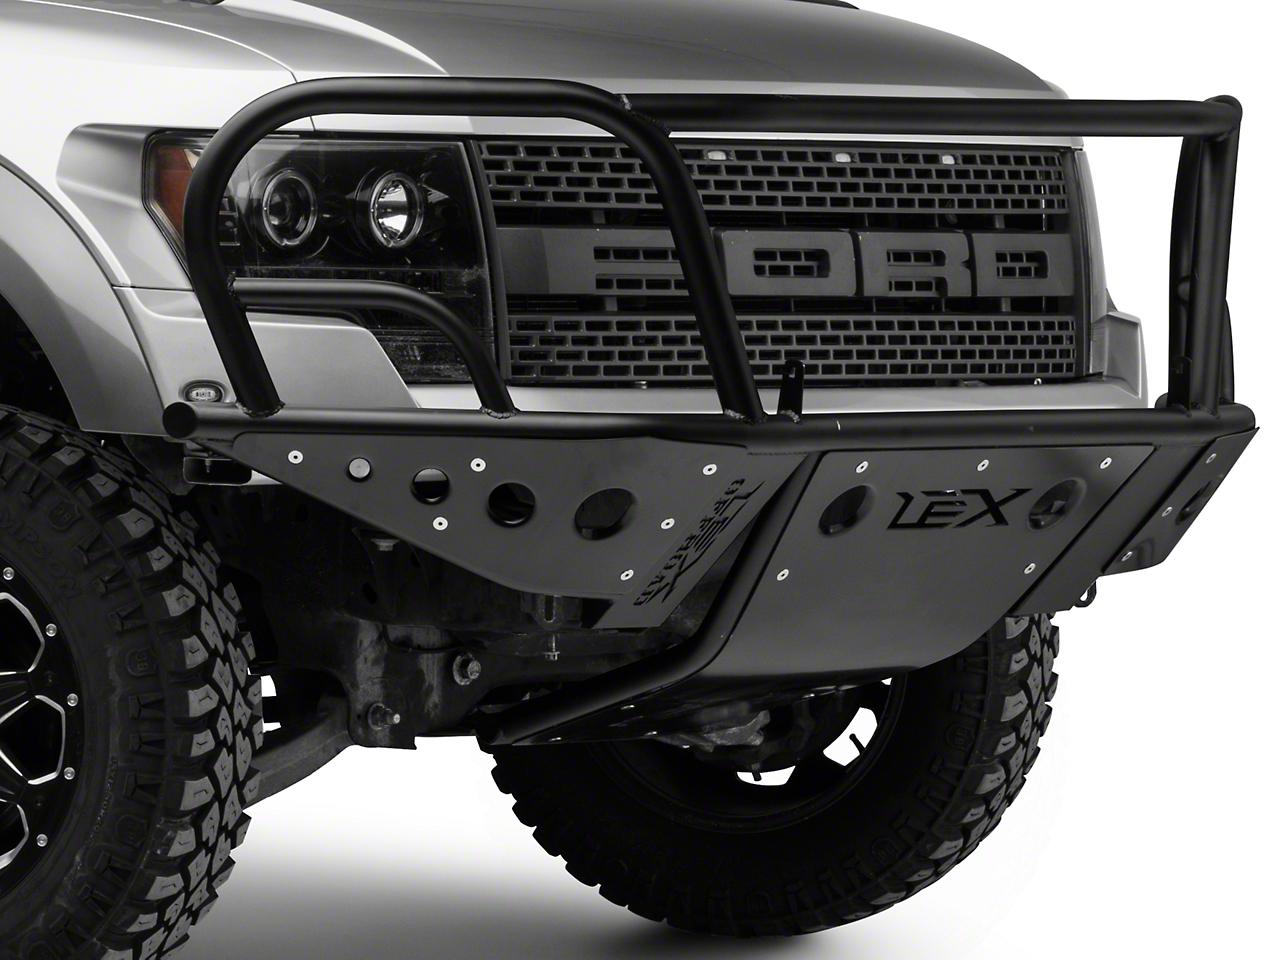 LEX Motorsports Defender Front Bumper (10-14 Raptor)